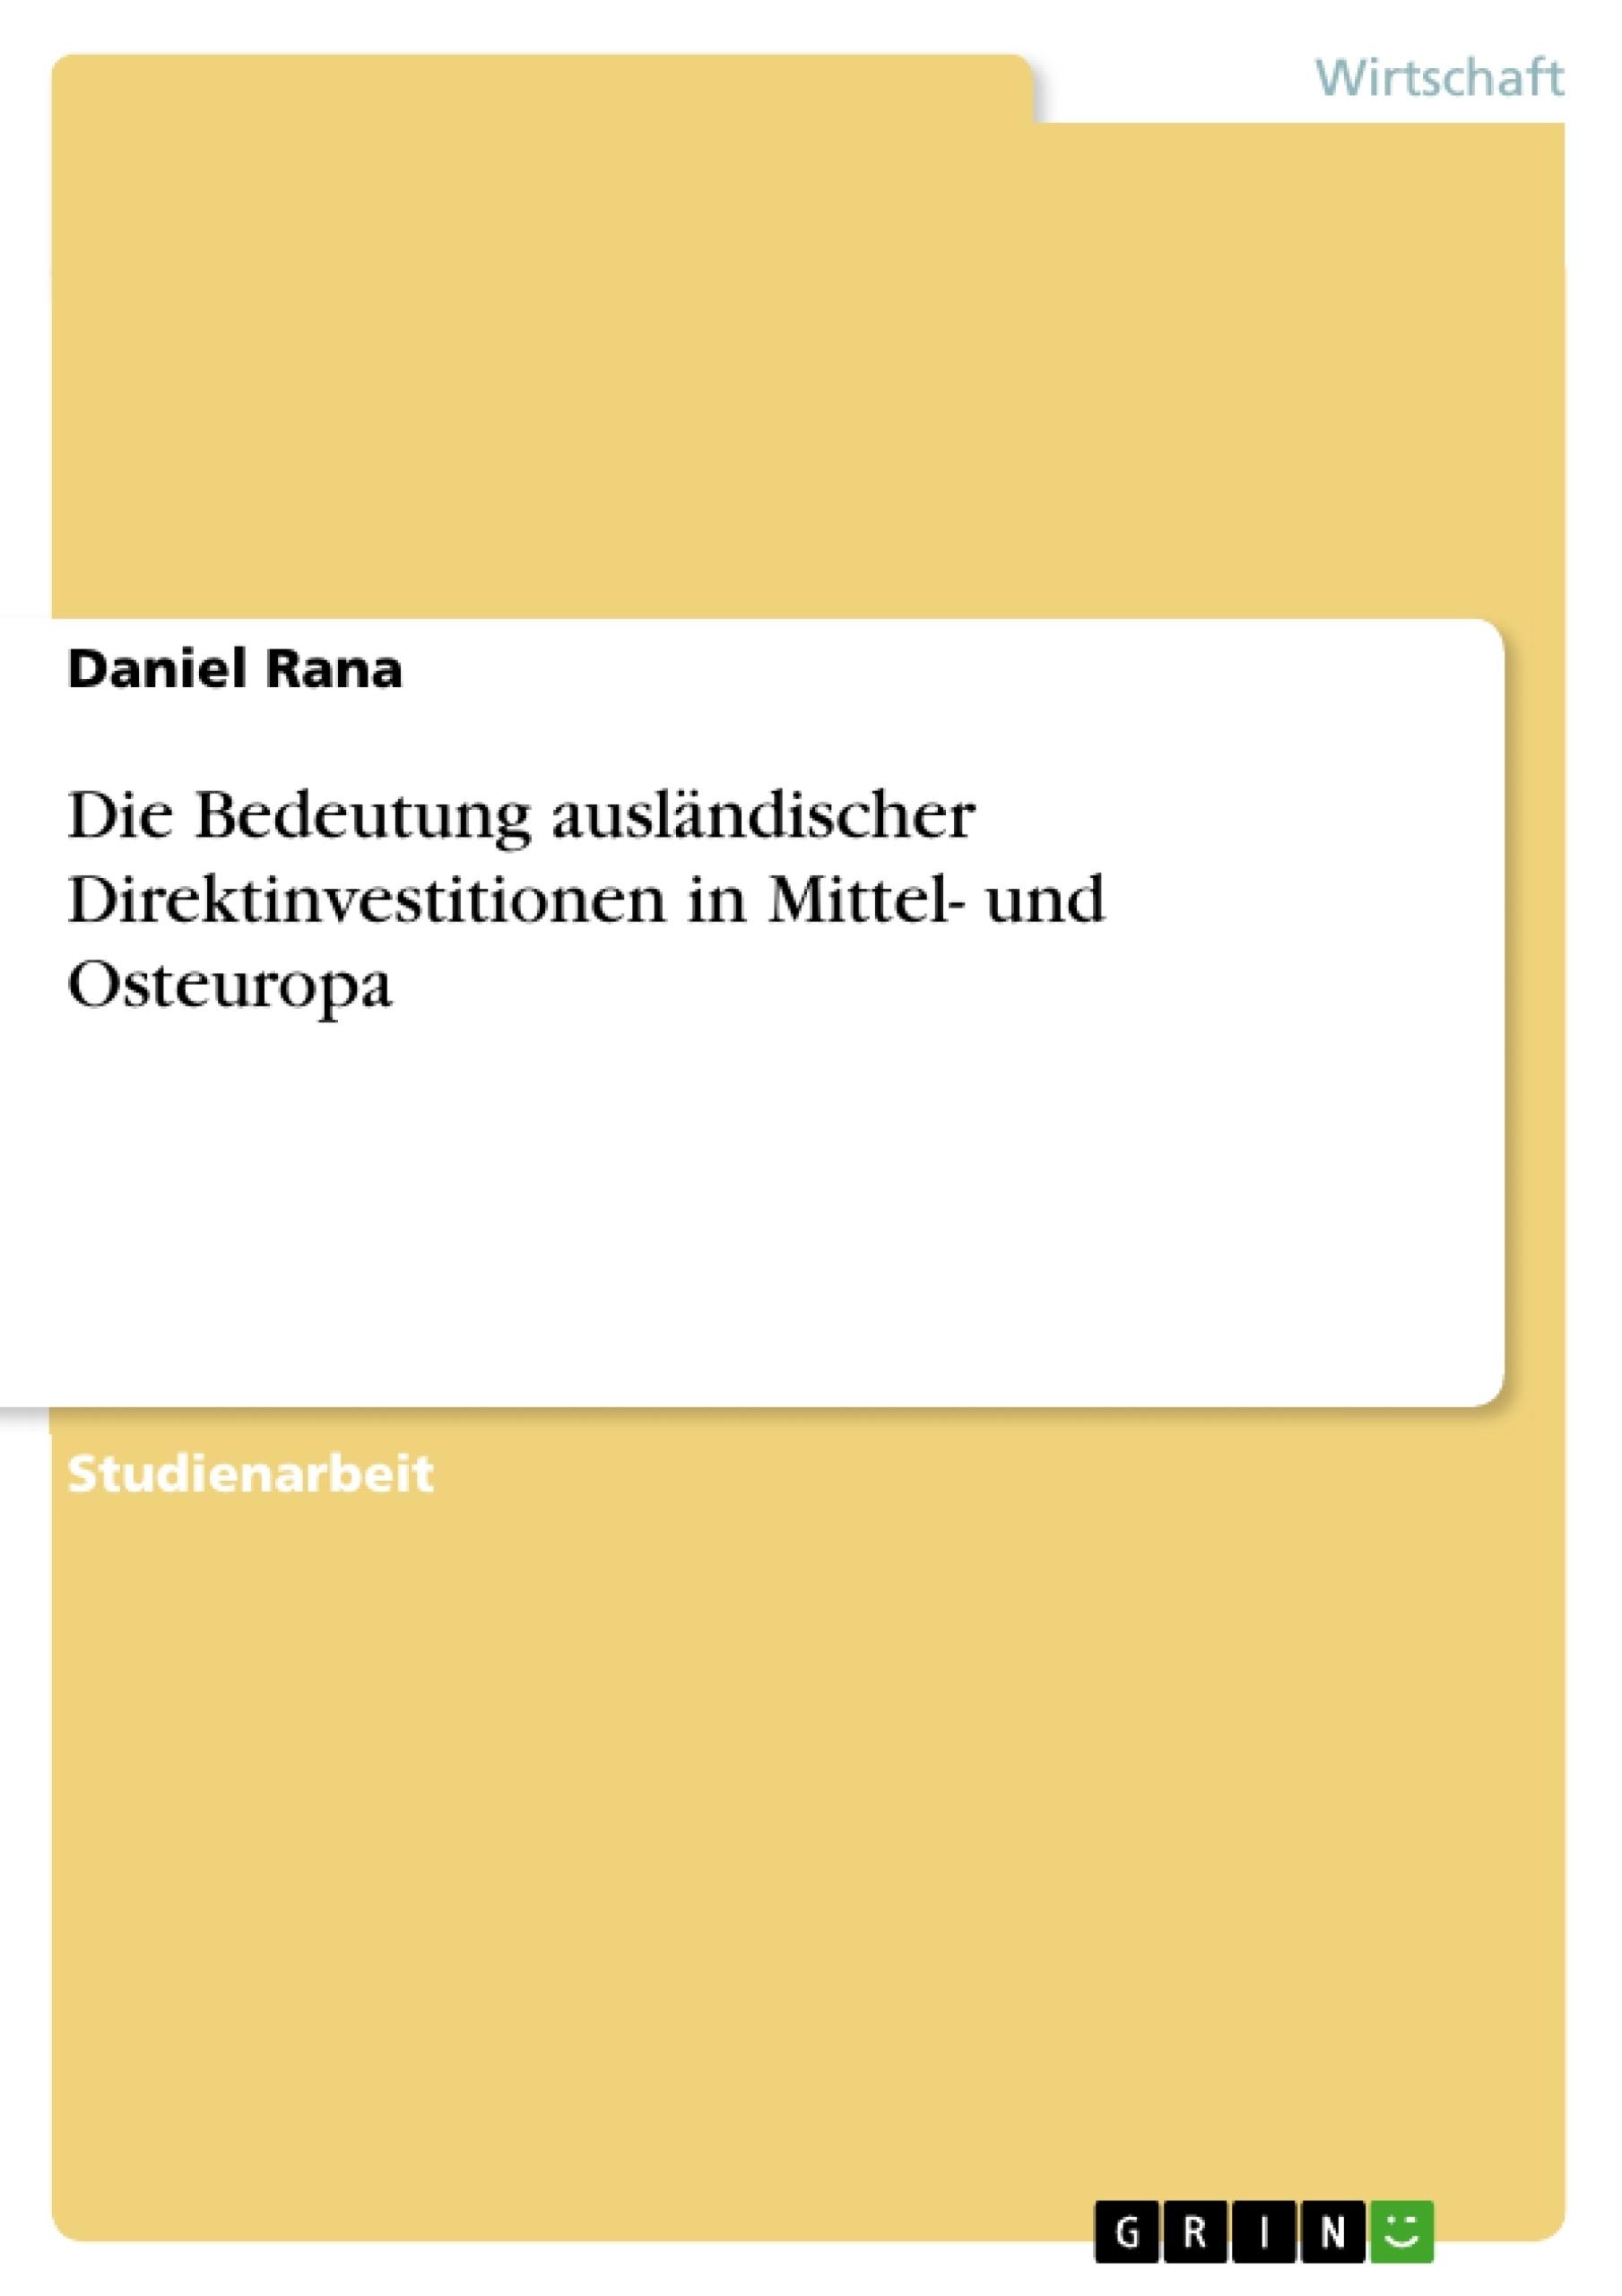 Titel: Die Bedeutung ausländischer Direktinvestitionen in Mittel- und Osteuropa